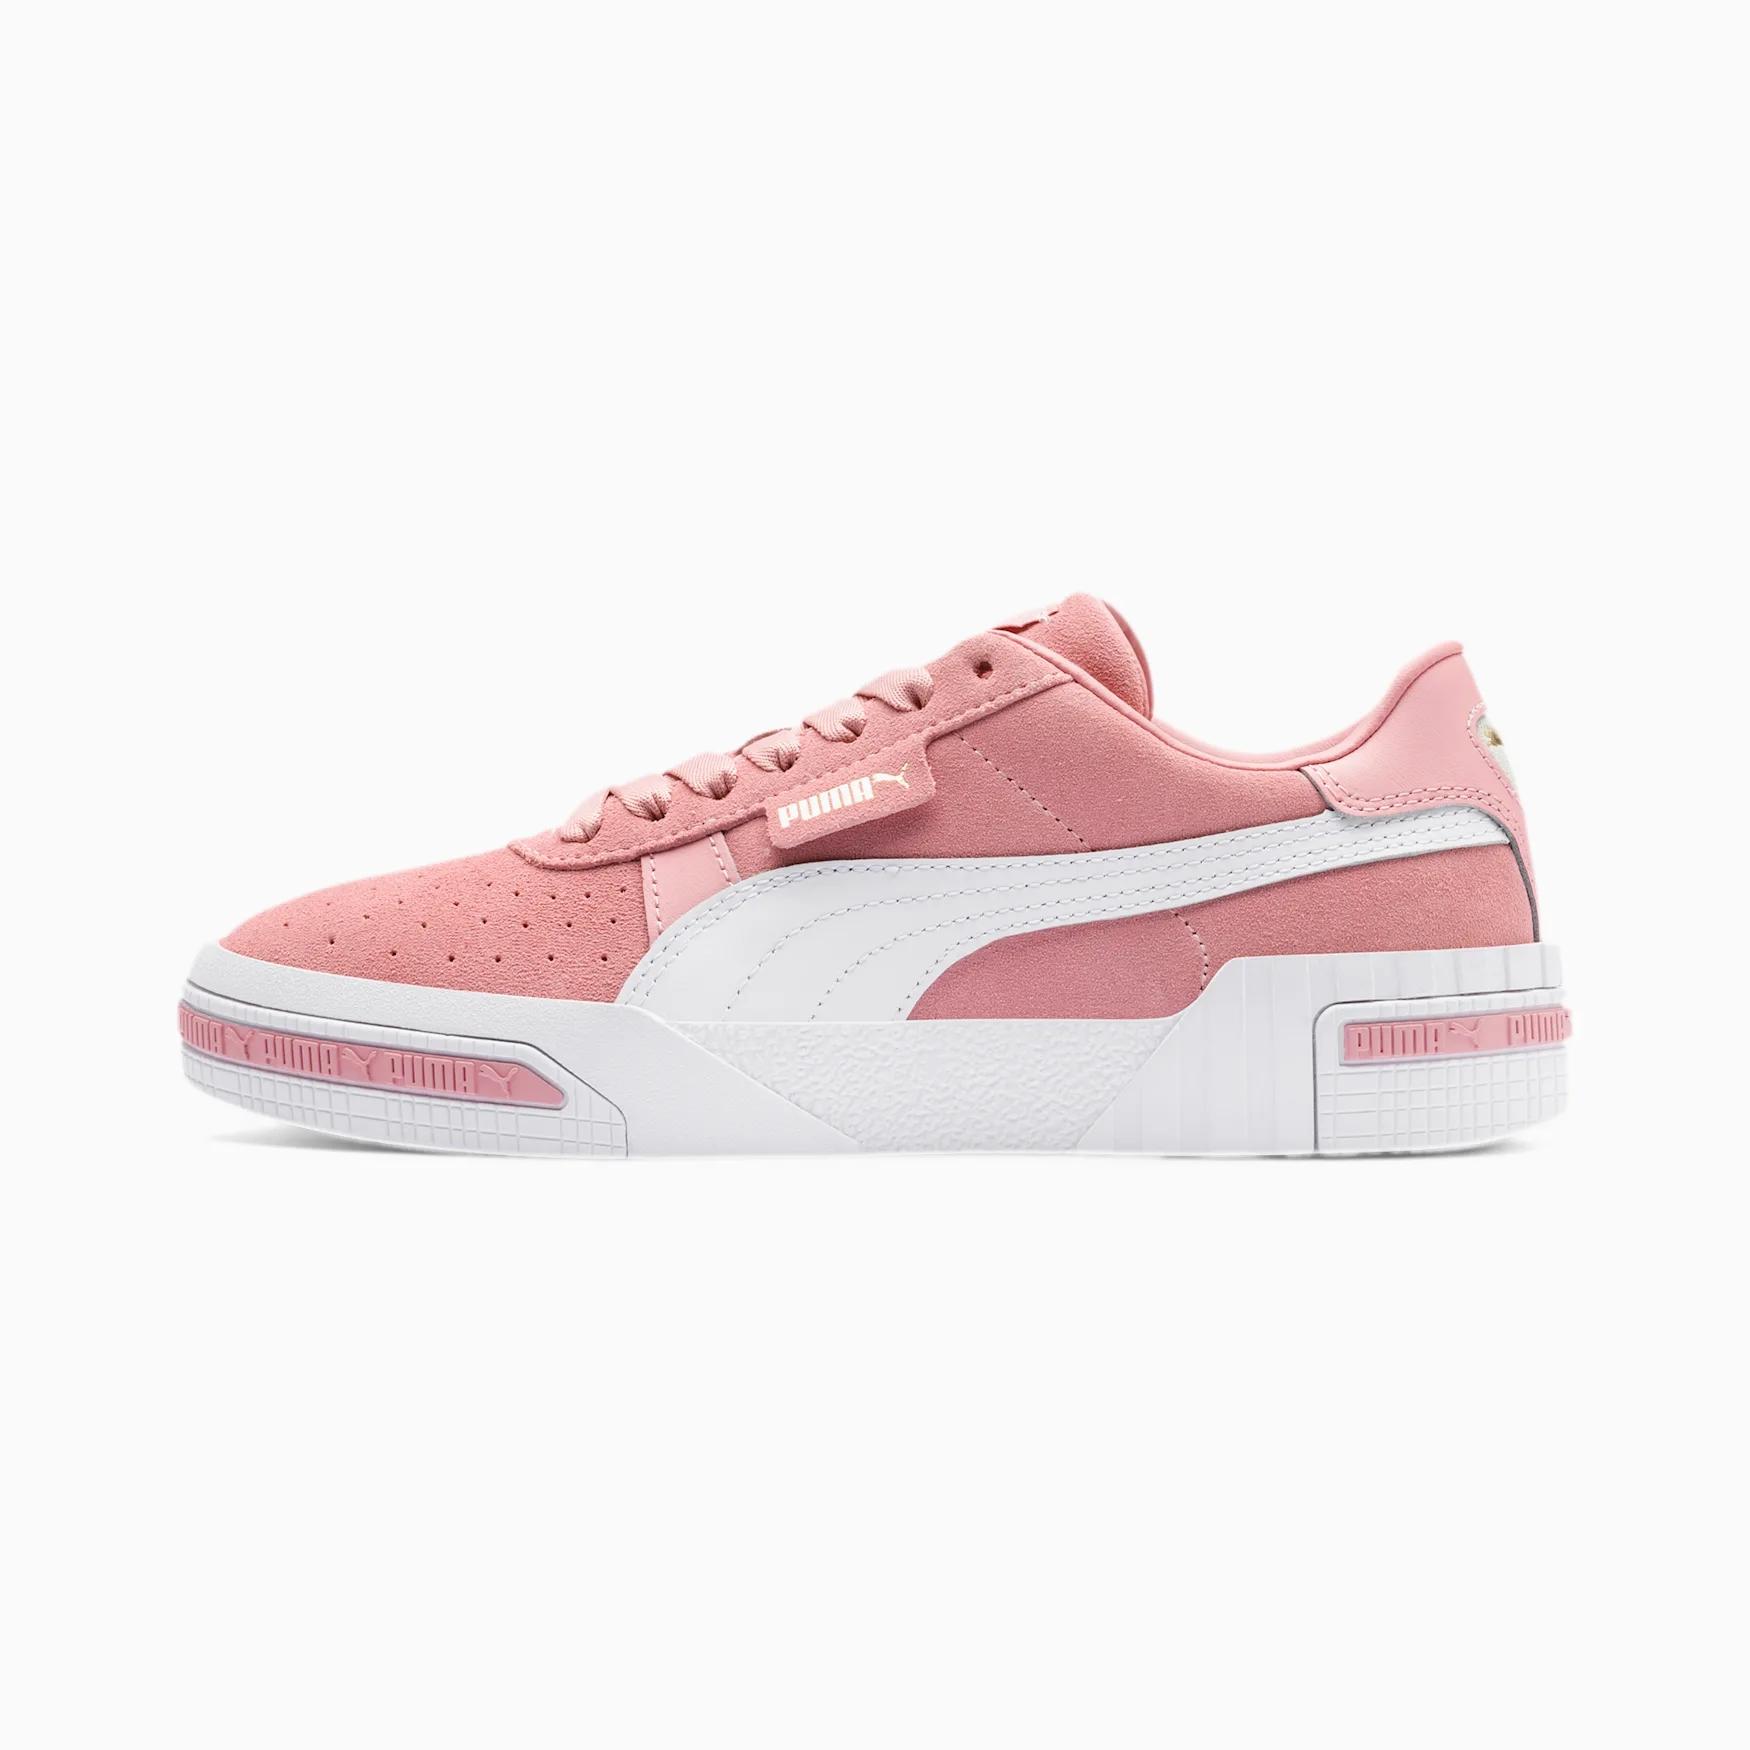 Puma 彪馬 Cali Taped 女款板鞋3.7折$29.99